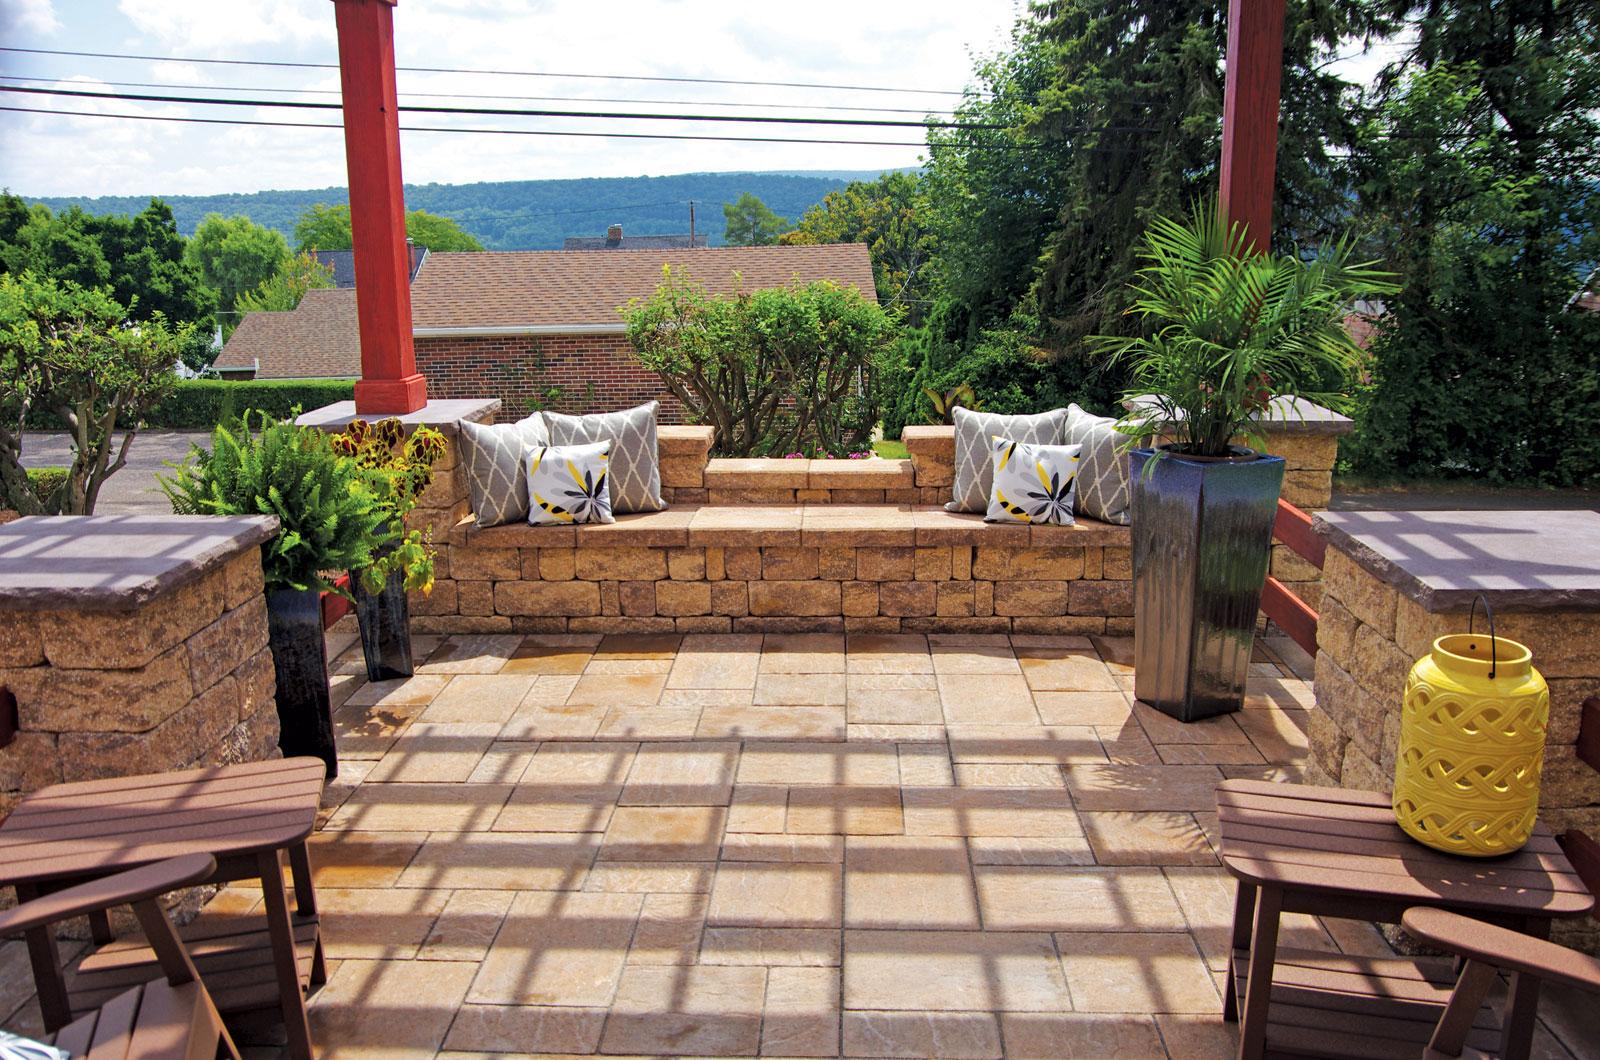 Backyard Patios - LibertyStone Hardscaping Systems on Backyard Patio  id=49539